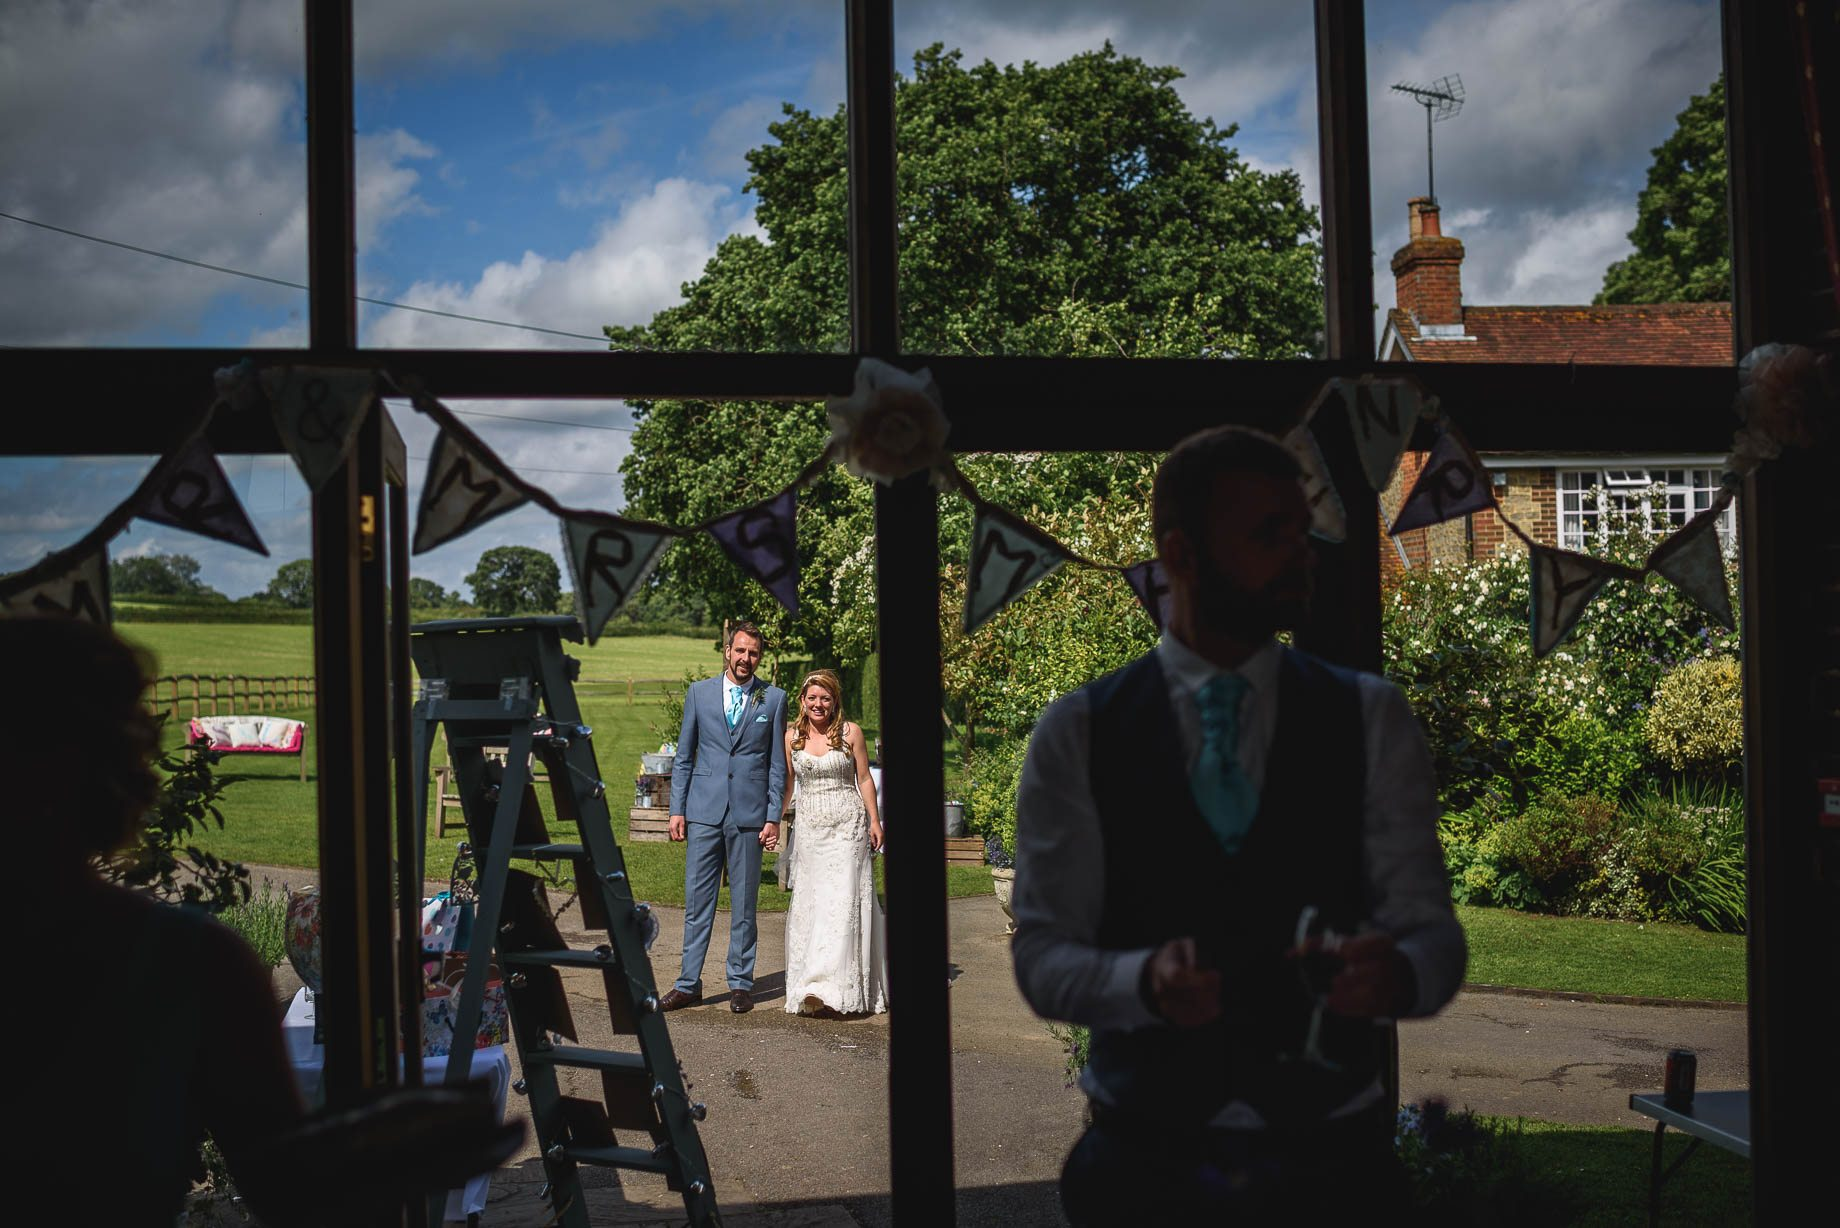 Bartholomew Barns wedding photography - Louise and Spencer (86 of 151)